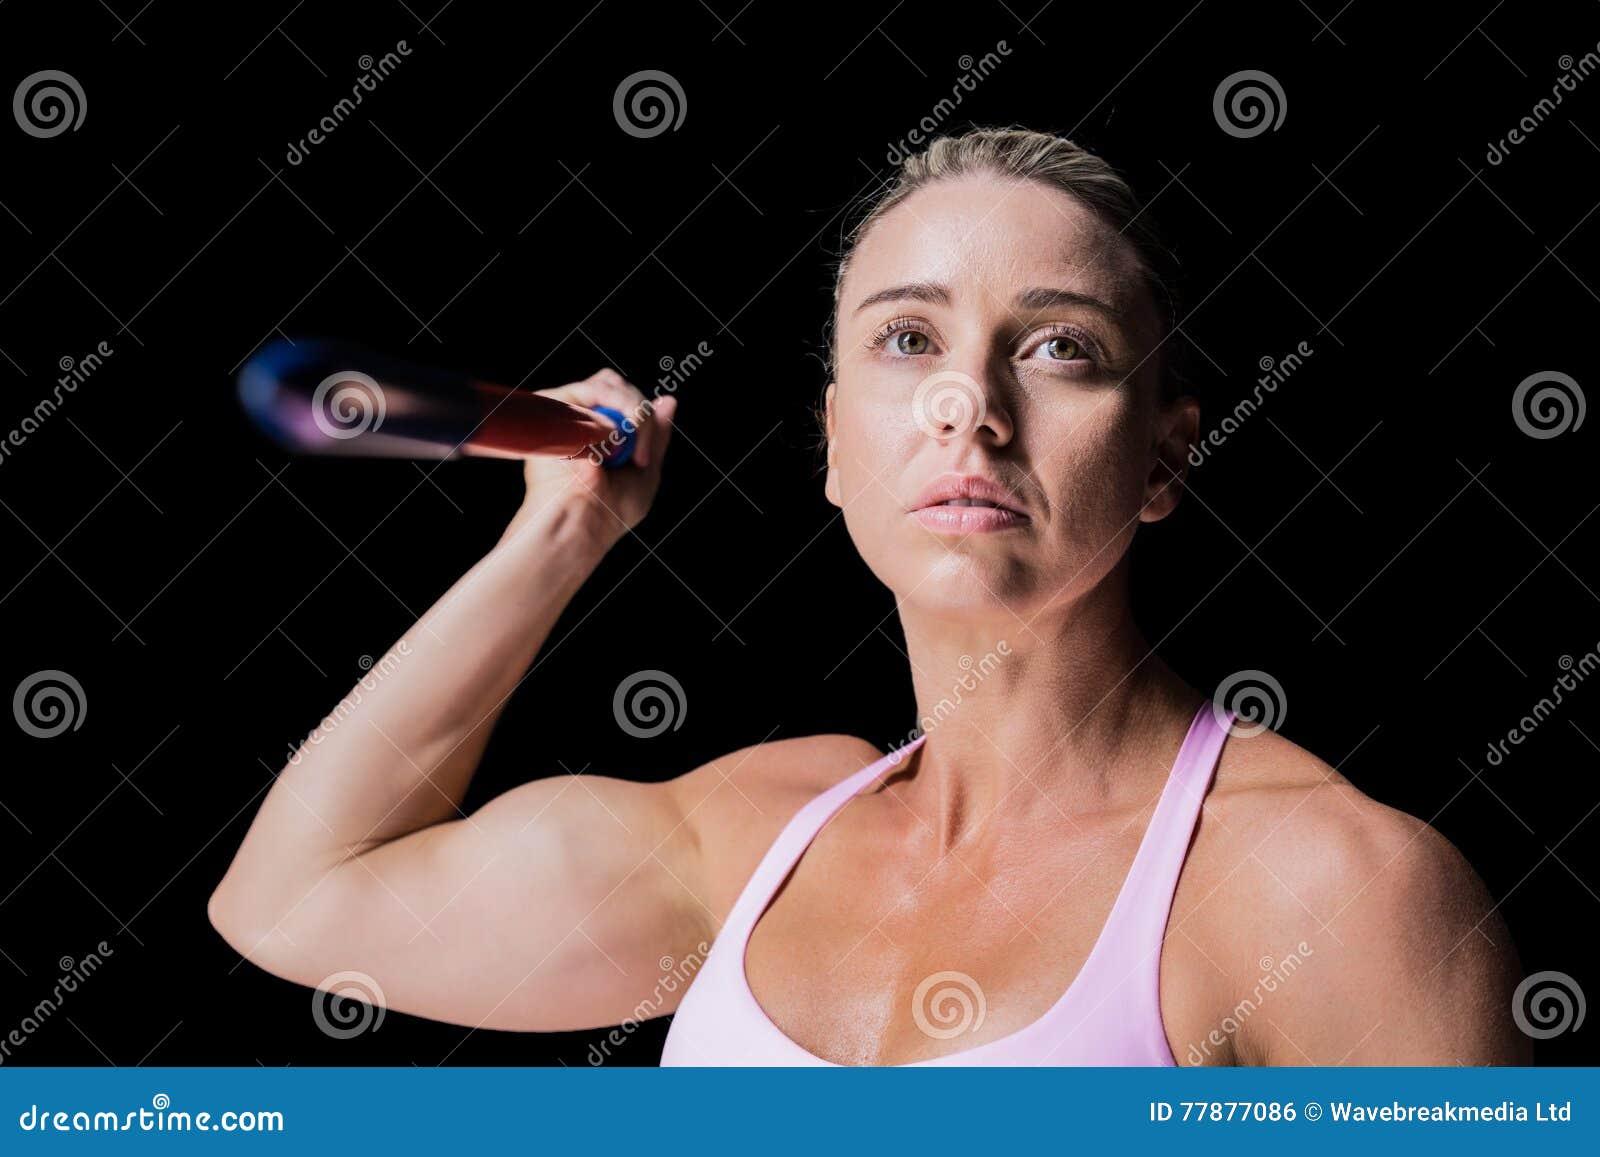 Tubos de sexo femenino atleta